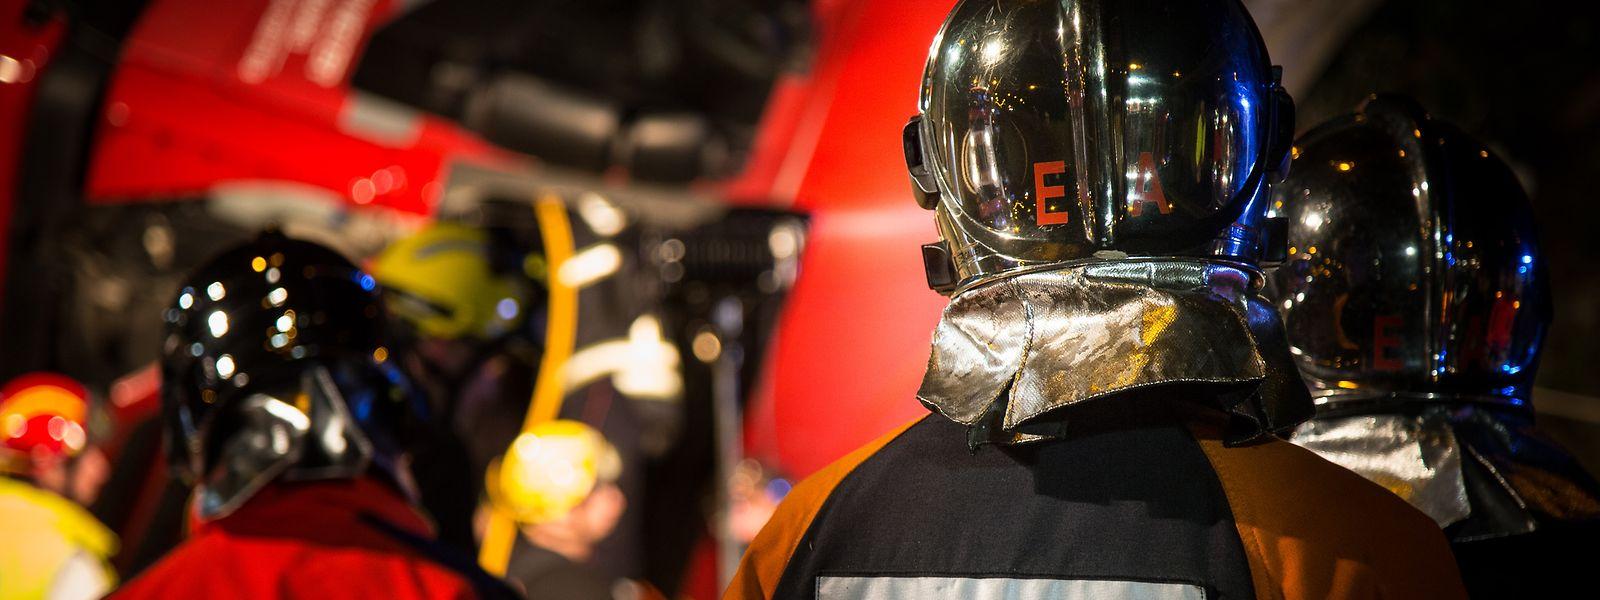 Seit dem 1. Januar dieses Jahres wurden Mitarbeiter der Rettungsdienste bereits 27 Mal verbal angegriffen, körperlich attackiert oder mit einer Waffe bedroht.